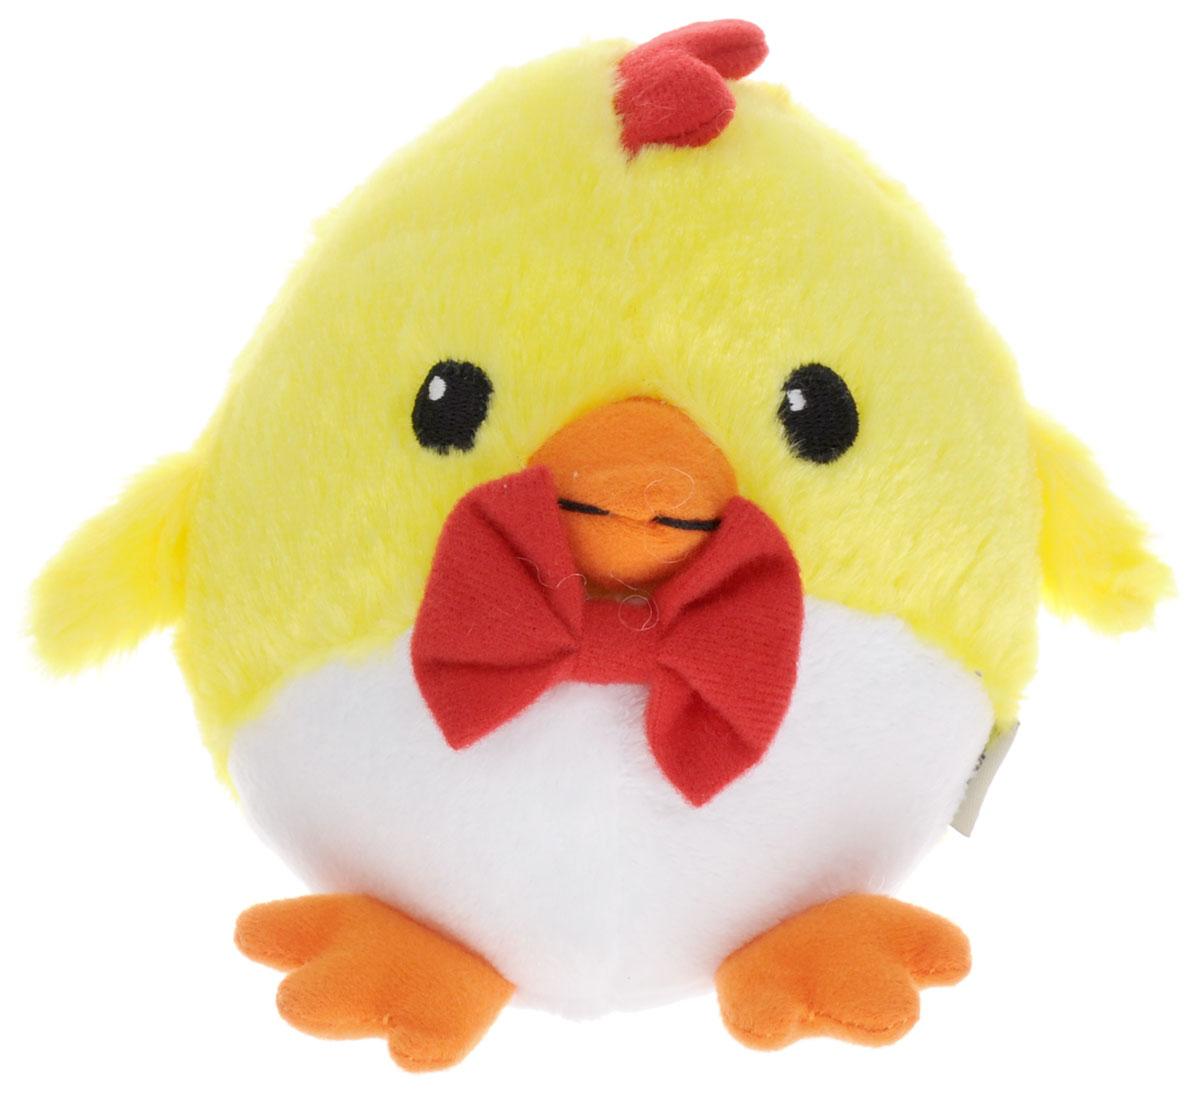 Gulliver Мягкая игрушка Цыпленок Солнышко с бабочкой 12 см66-OT159347-1_с бабочкойОчаровательная мягкая игрушка Gulliver Цыпленок Солнышко выполнена в виде желтого цыпленка небольшого размера с красной бабочкой на шее. Игрушка изготовлена из высококачественного материала и полностью безопасна для ребенка. Удивительно мягкая игрушка принесет радость и подарит своему обладателю мгновения нежных объятий и приятных воспоминаний. В процессе игры у крохи будет развиваться зрительная память, фантазия, логическое и образное мышление, ребенок научится сосредотачиваться на одном предмете, быть усидчивым и внимательным. Цыпленок (петух, курица) является символом 2017 года! Порадуйте себя и своих близких таким прекрасным символом, приносящим радость и счастье в каждый дом!